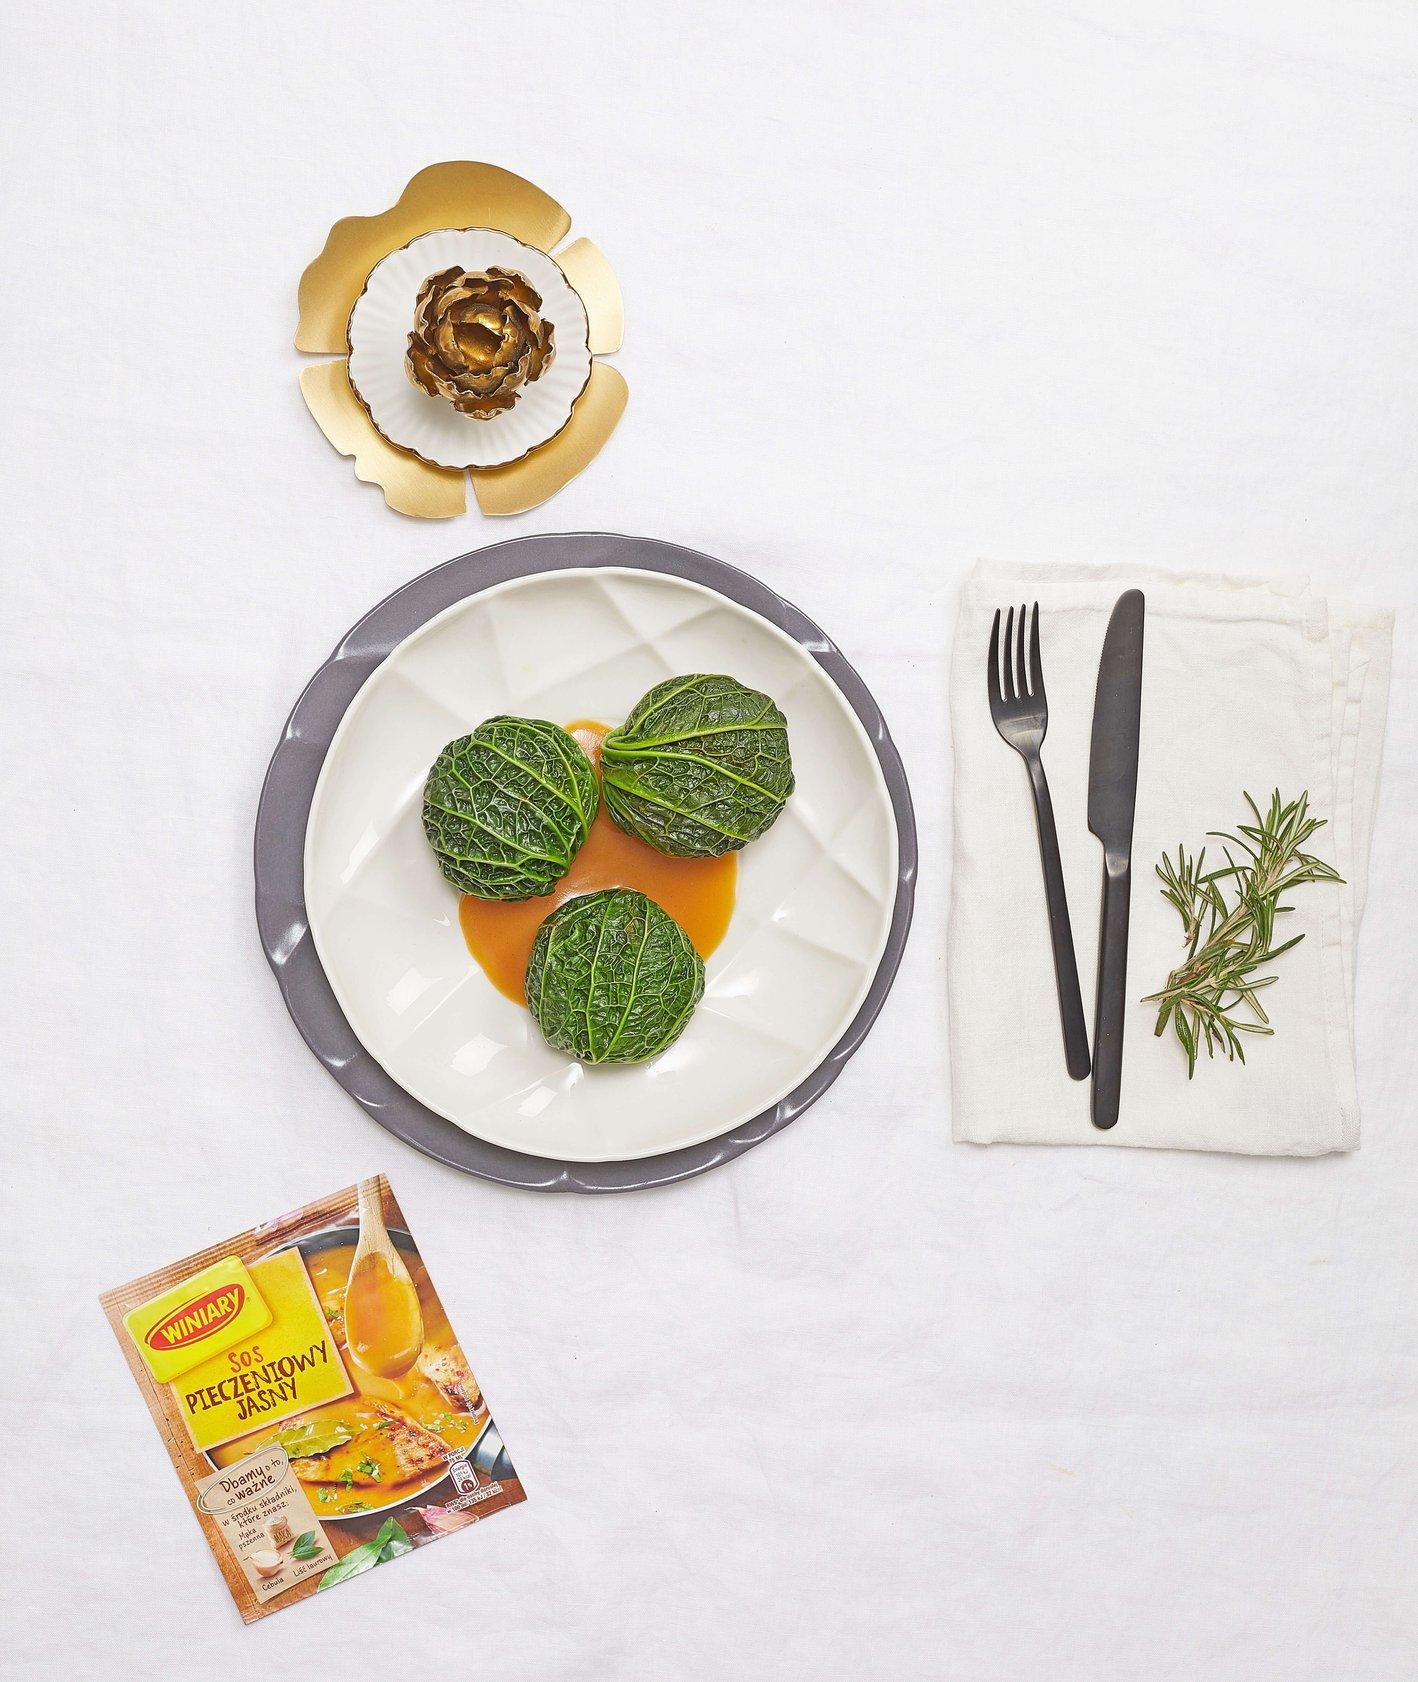 Gołąbki z bigosem, ziemniakami i sosem pieczeniowym, Winiary, przepis Tomek Zielke